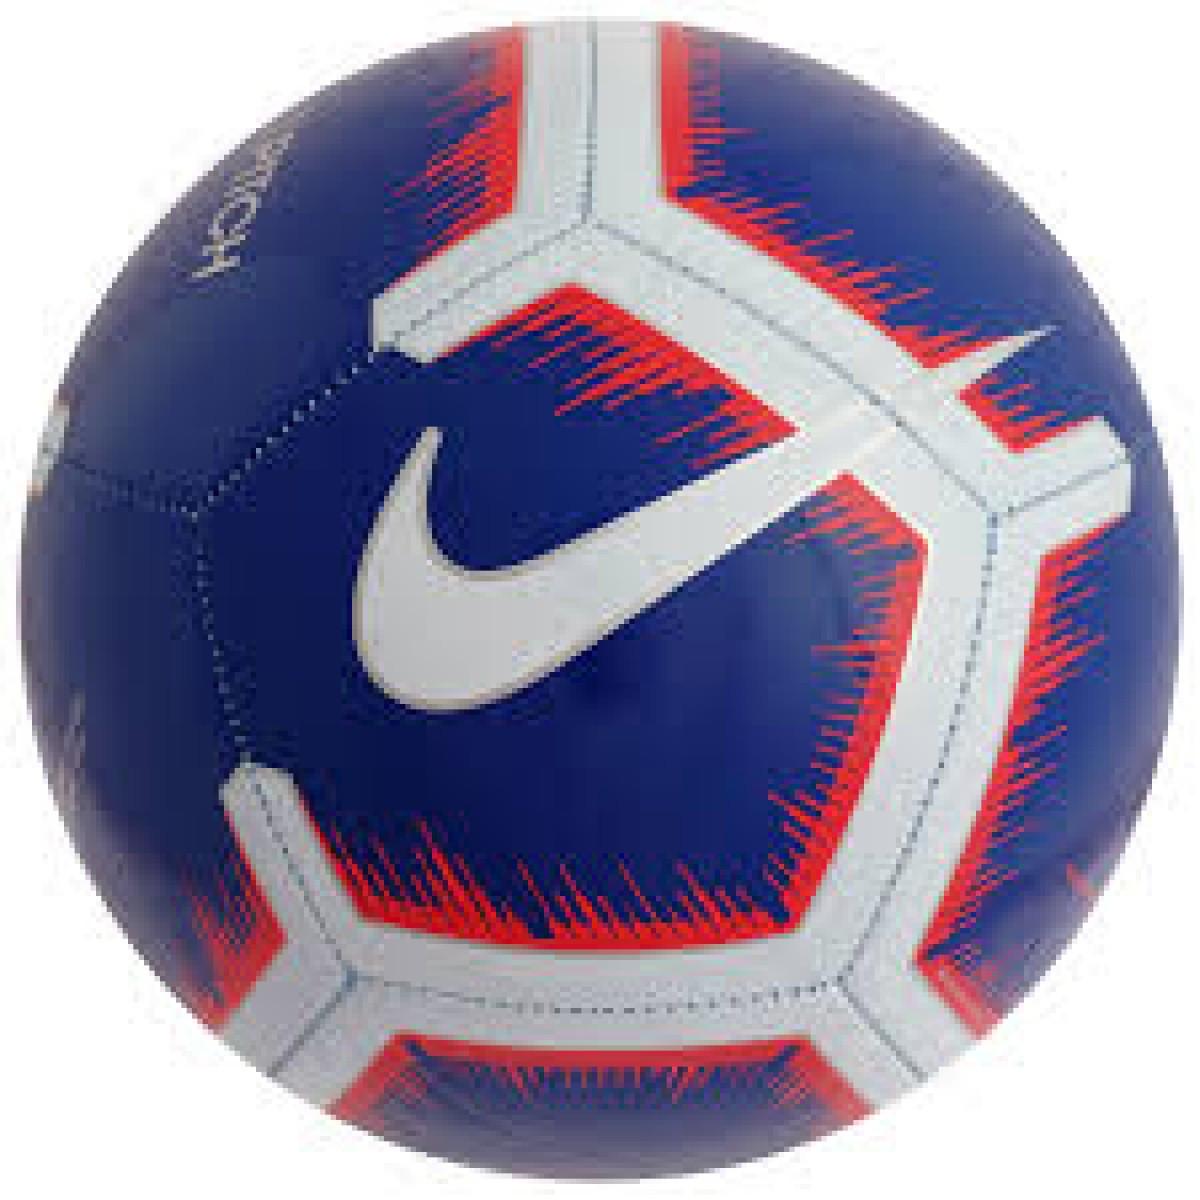 Мяч футбольный Nike Premier League Pitch SC3597- 455 размер 5 для игр и тренировок любительского уровня